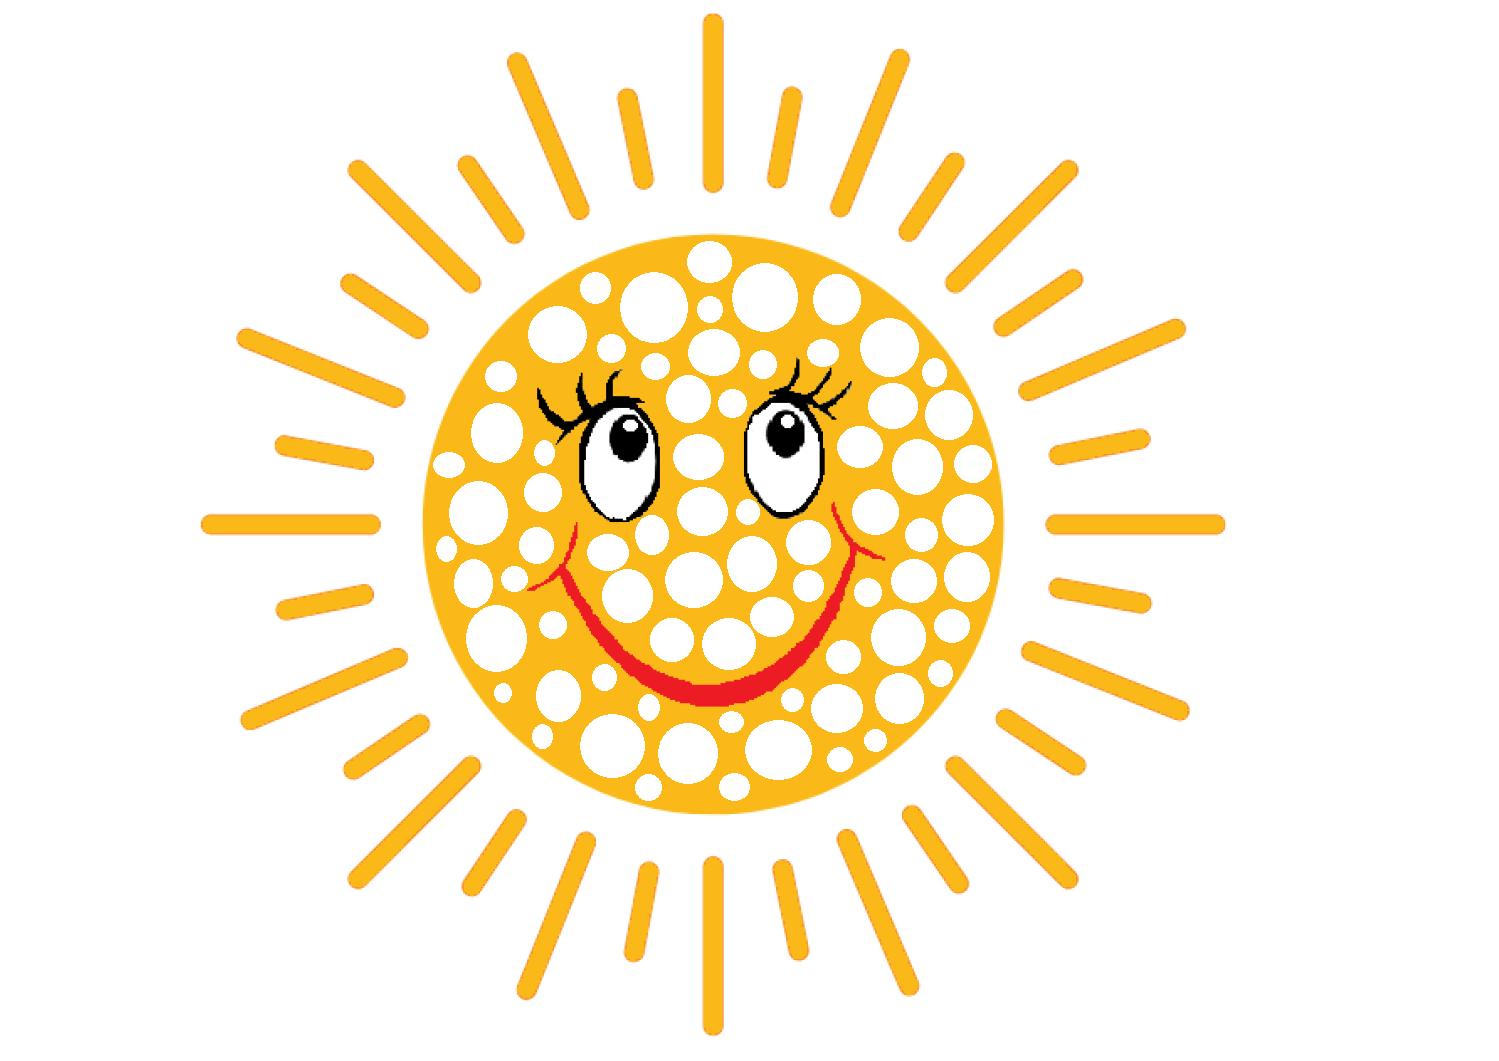 słońce kolorowanka do wyklejnia plasteliną, darmowe karty pracy przedszkole, szablon słońca.